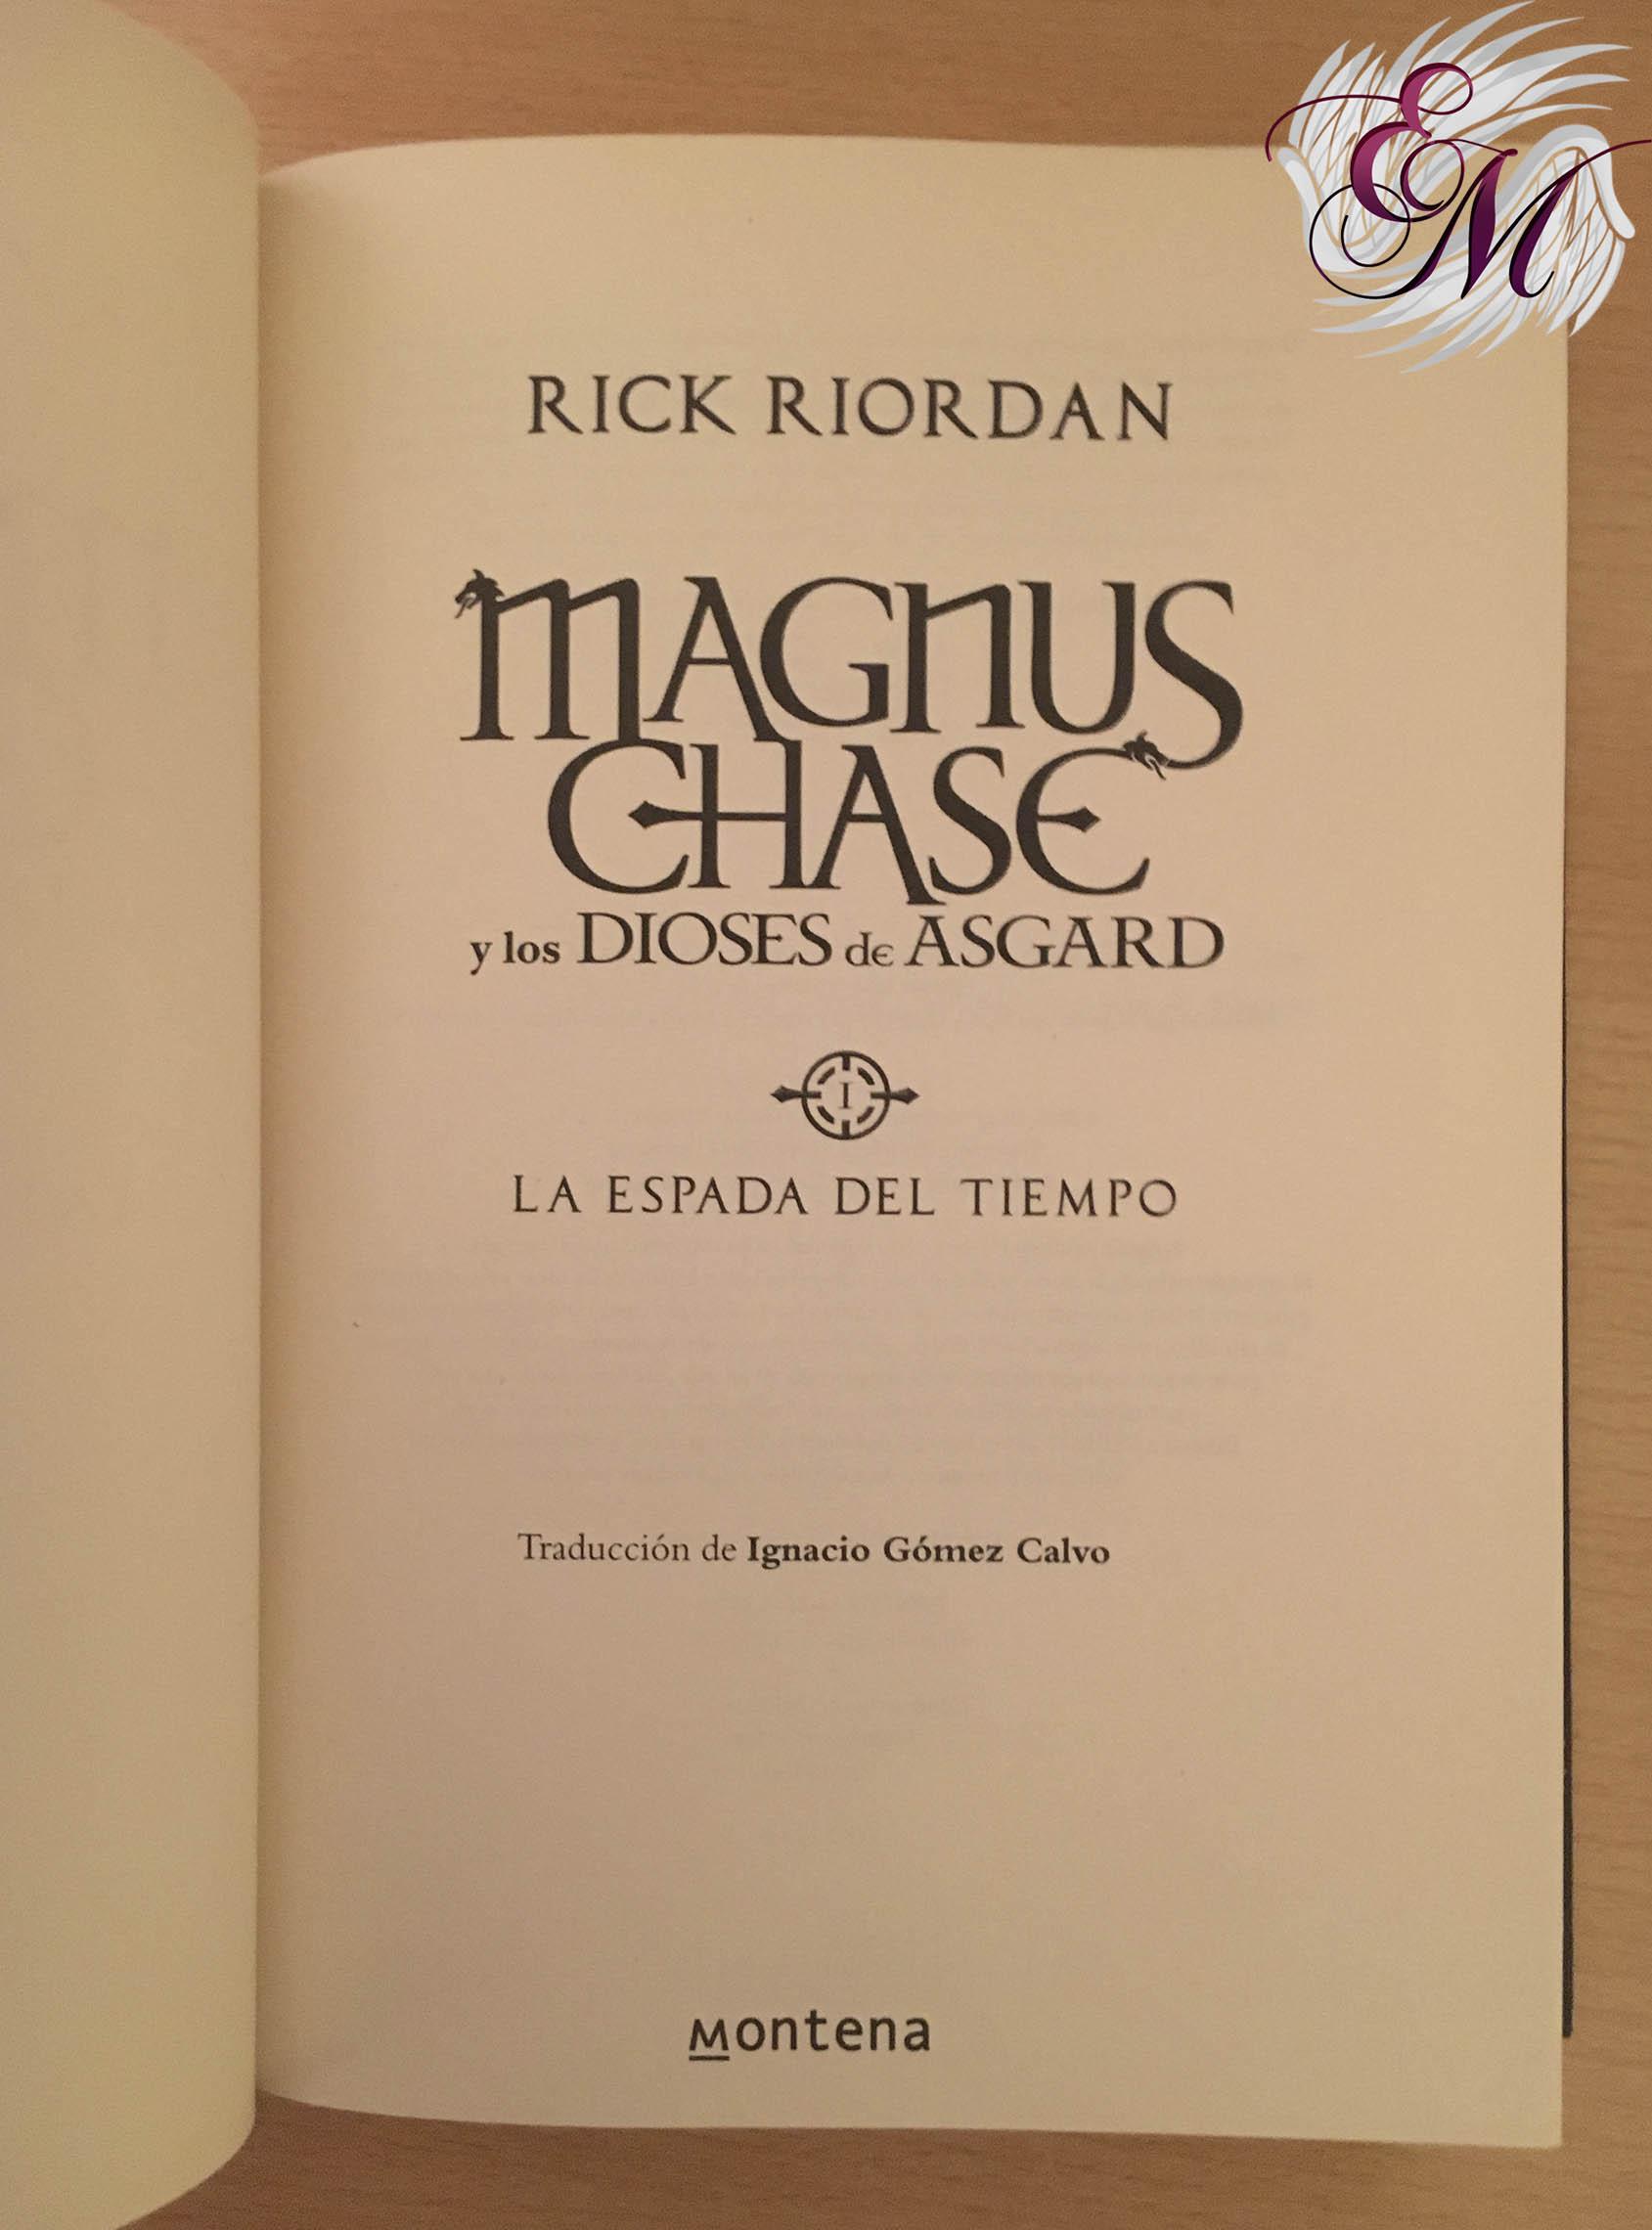 La espada del tiempo, de Rick Riordan - Reseña